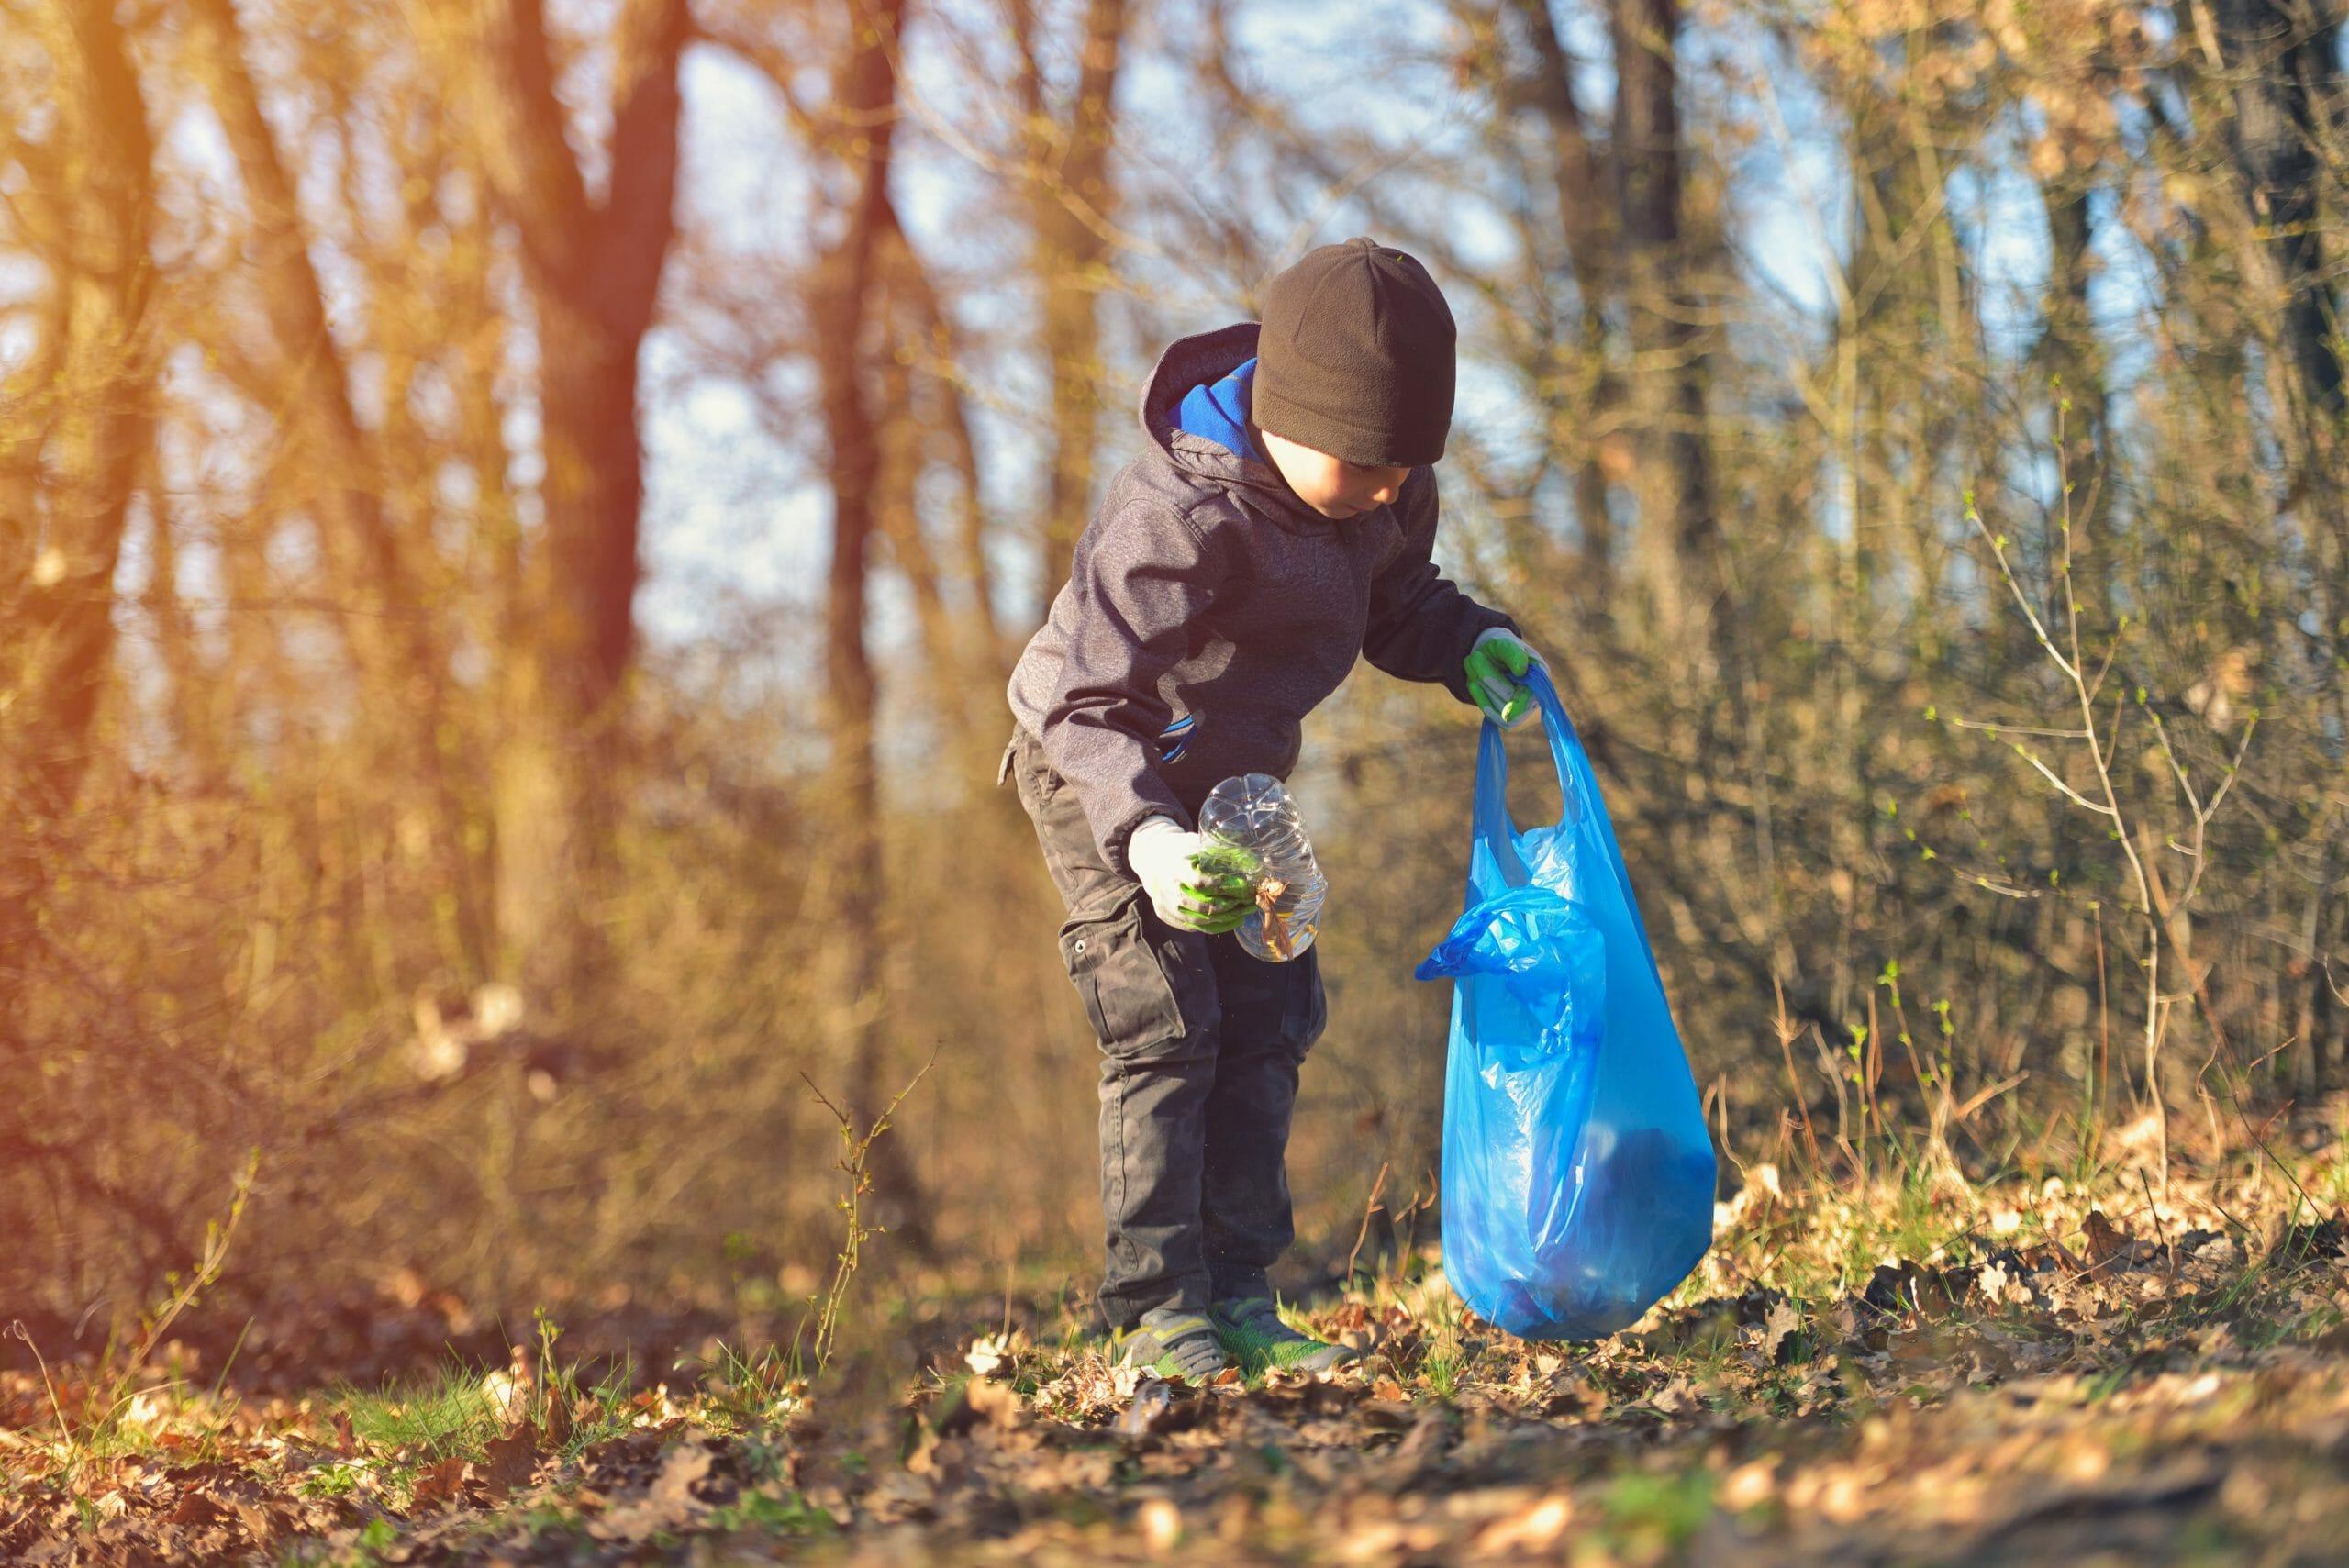 137.000 børn skal befri naturen for affald